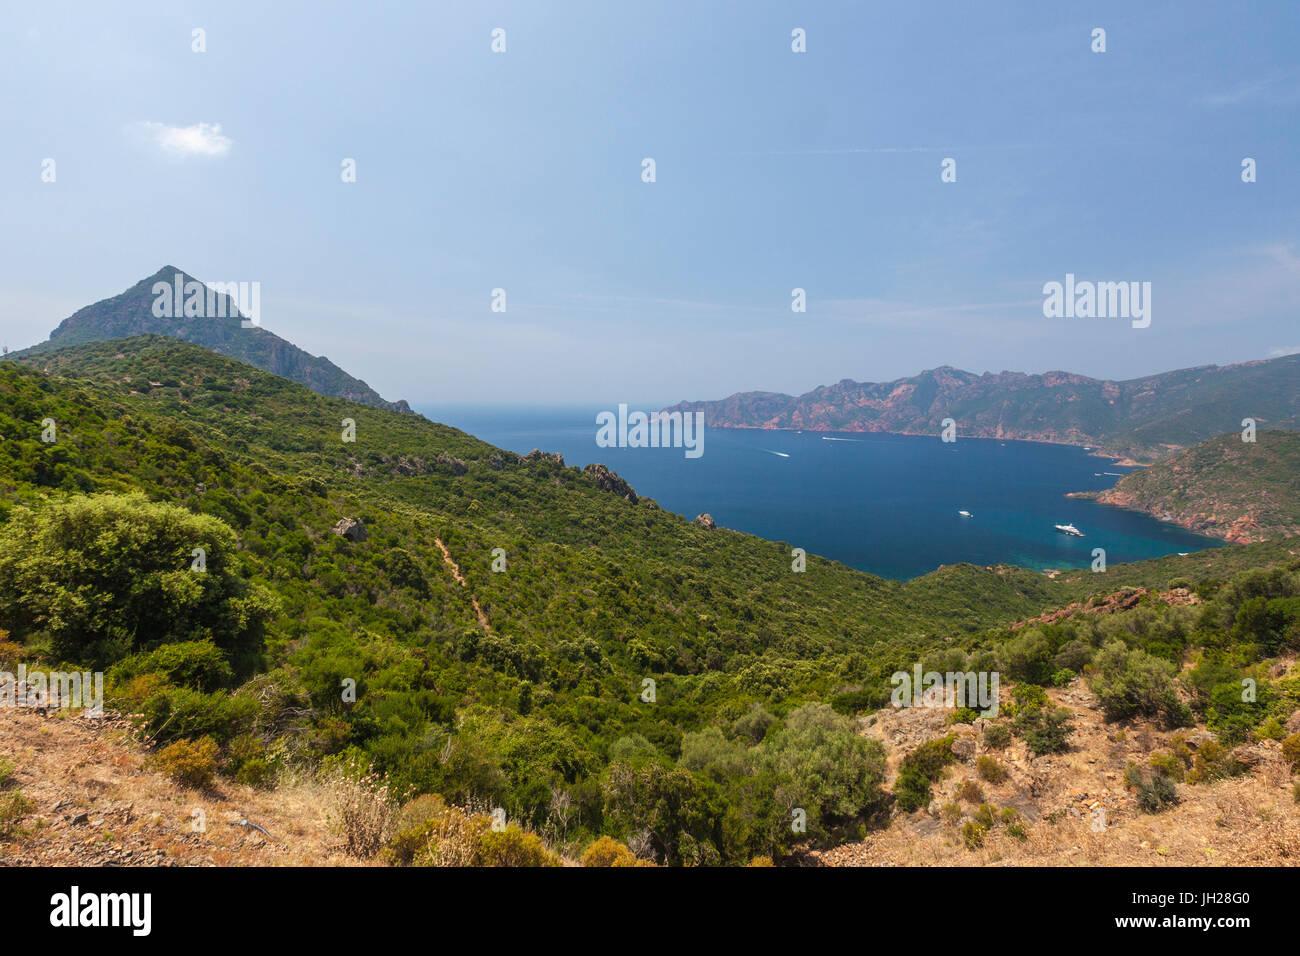 Vista superiore del mare turchese e baia incorniciata dalla vegetazione verde sul promontorio, Porto, Sud Corsica, Immagini Stock